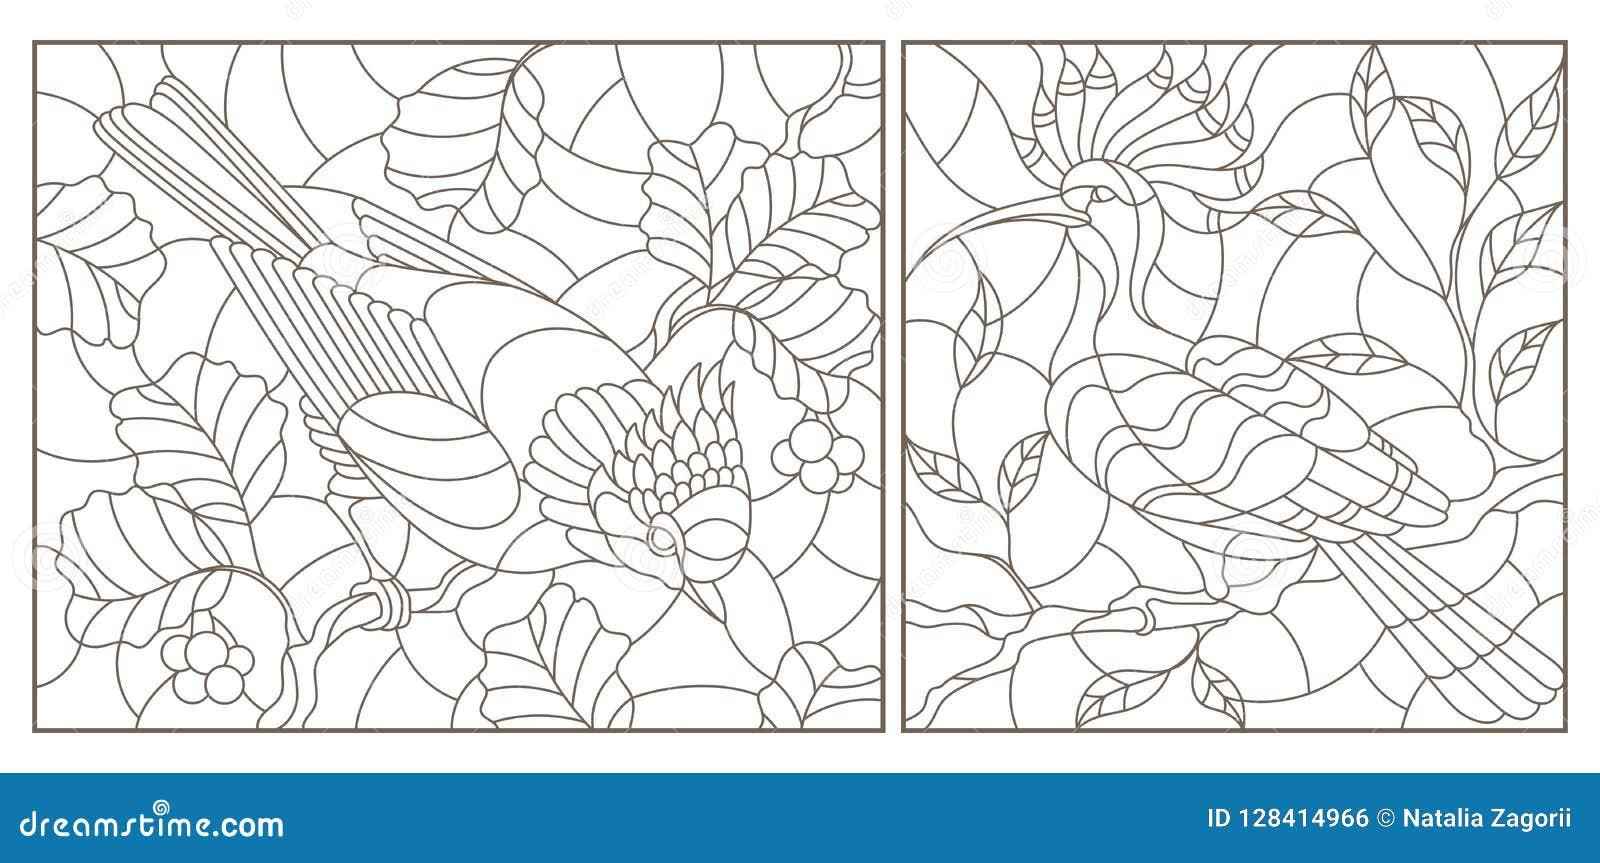 Grupo do contorno com ilustrações de janelas de vidro colorido com os pássaros contra ramos de uma árvore e folhas, contornos esc